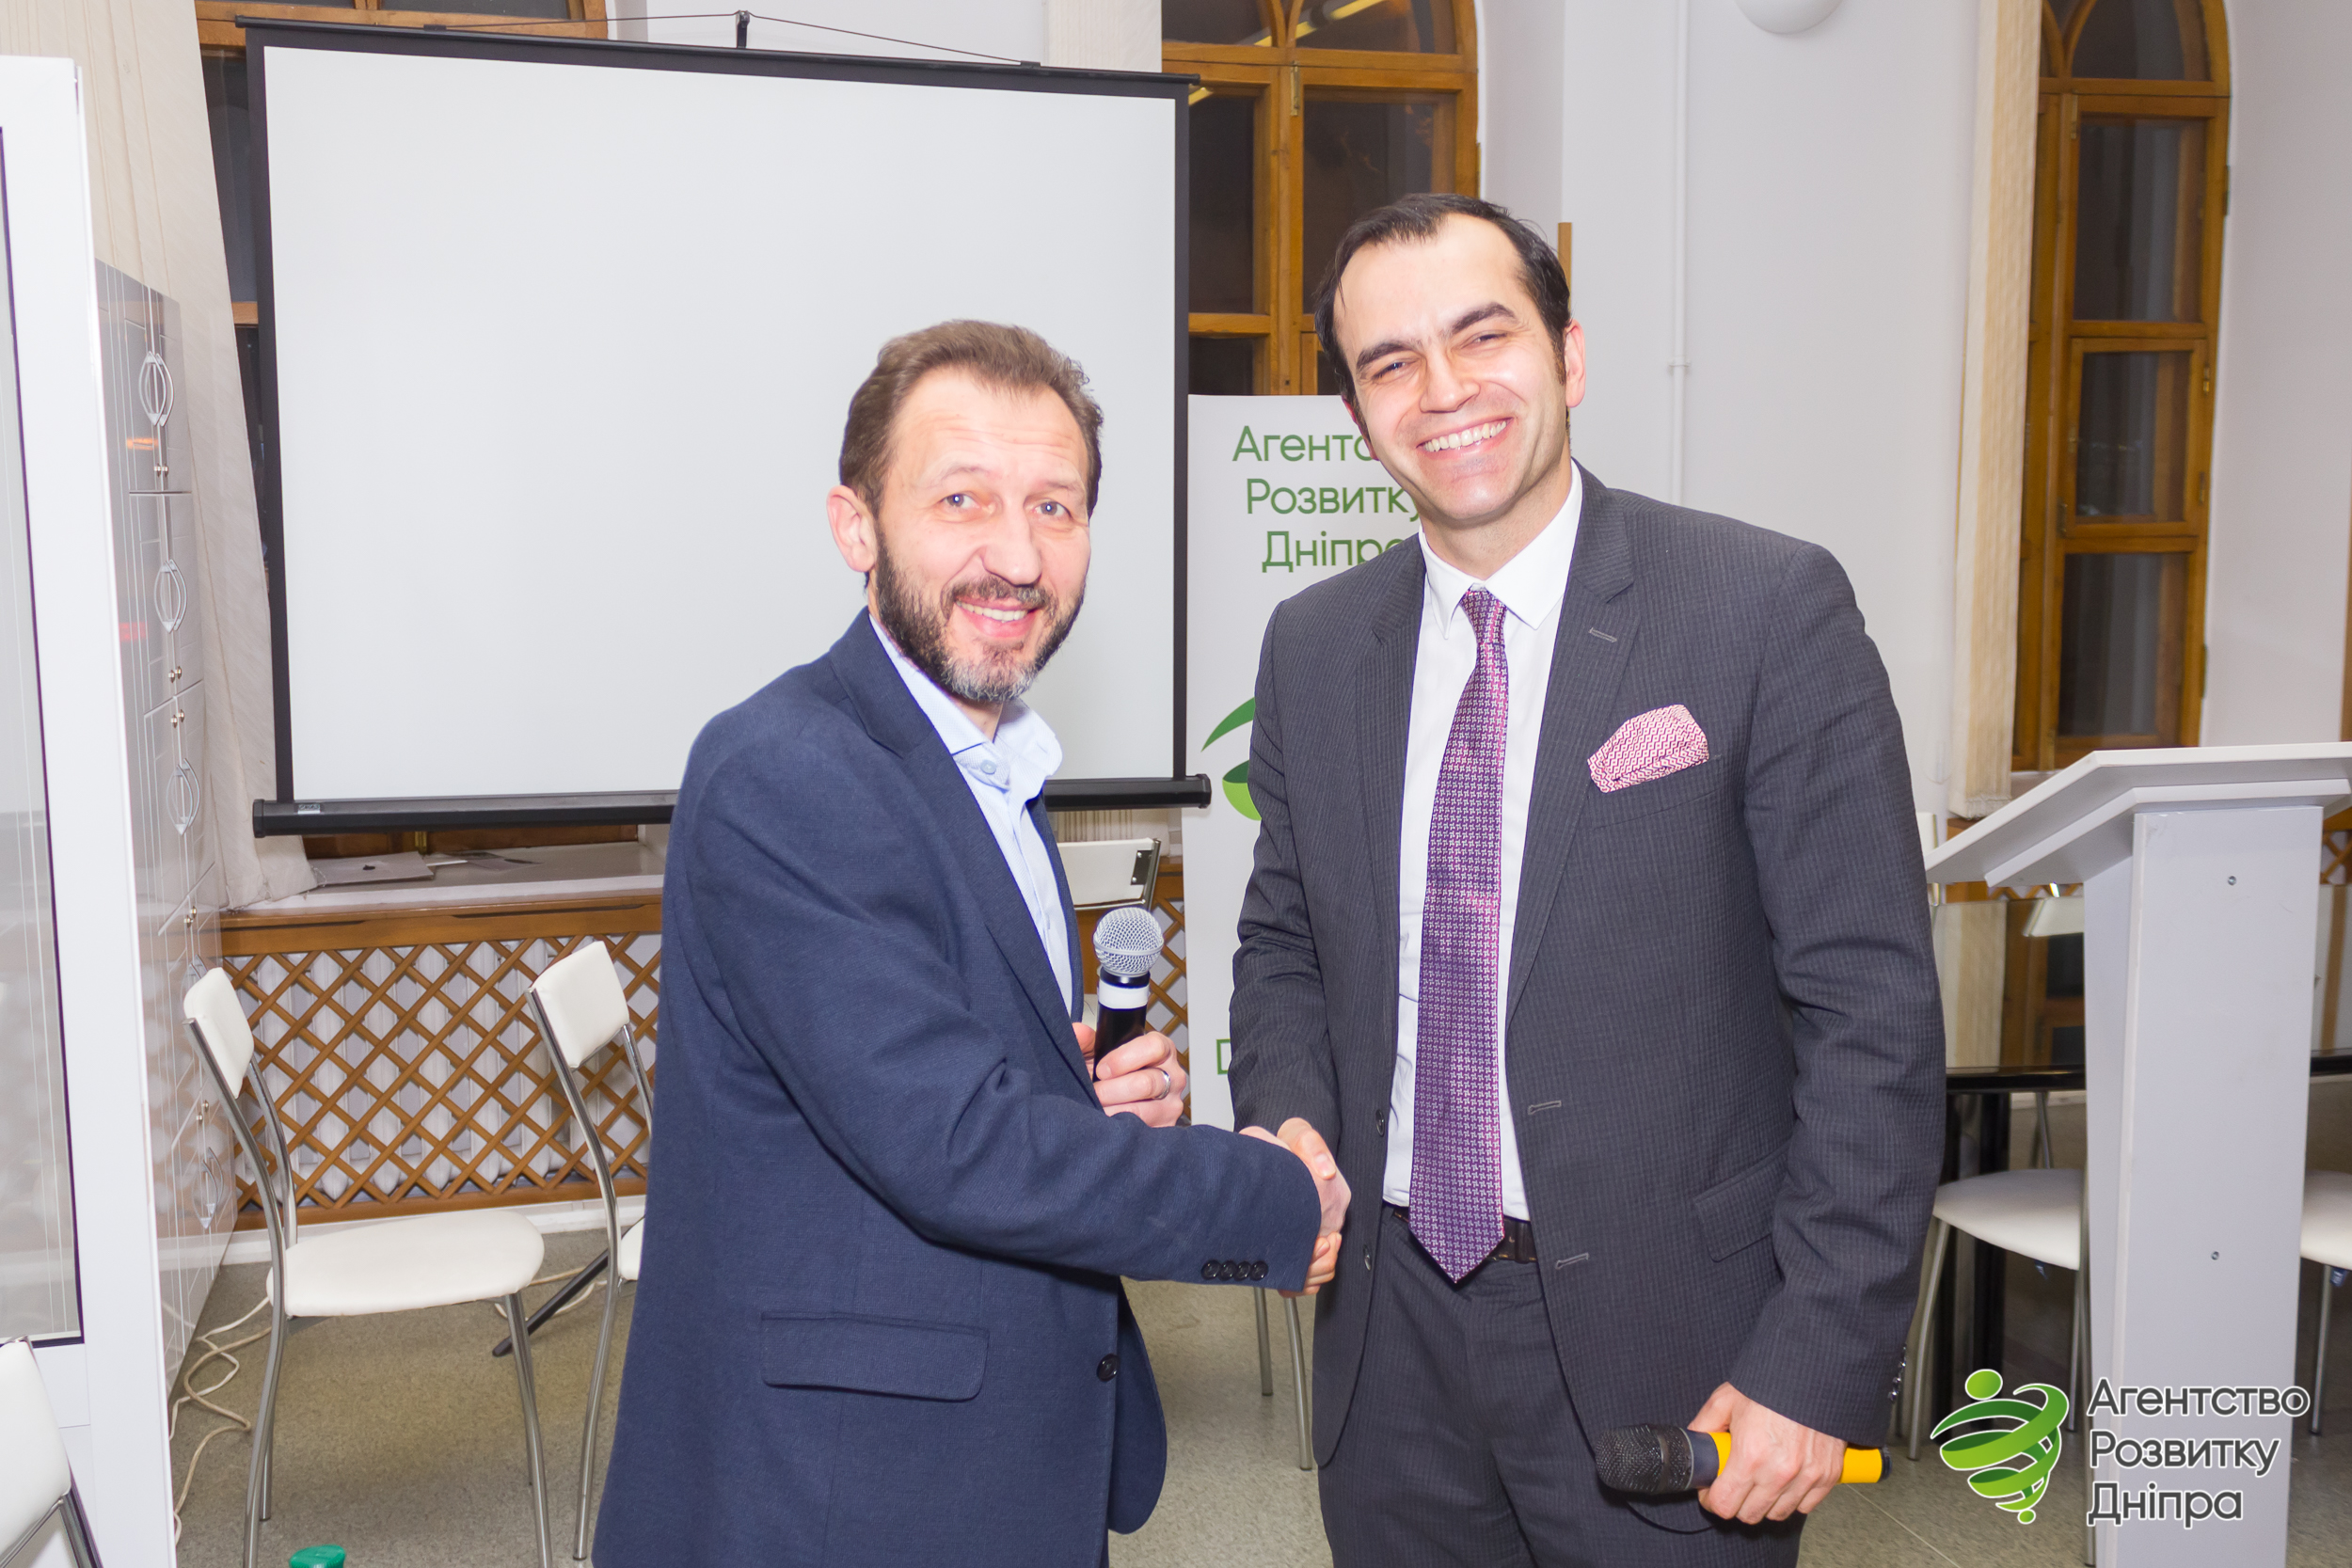 Учасники Першого форуму двостороннього українсько-турецького ділового співробітництва у Дніпрі зробили декілька гучних заяв